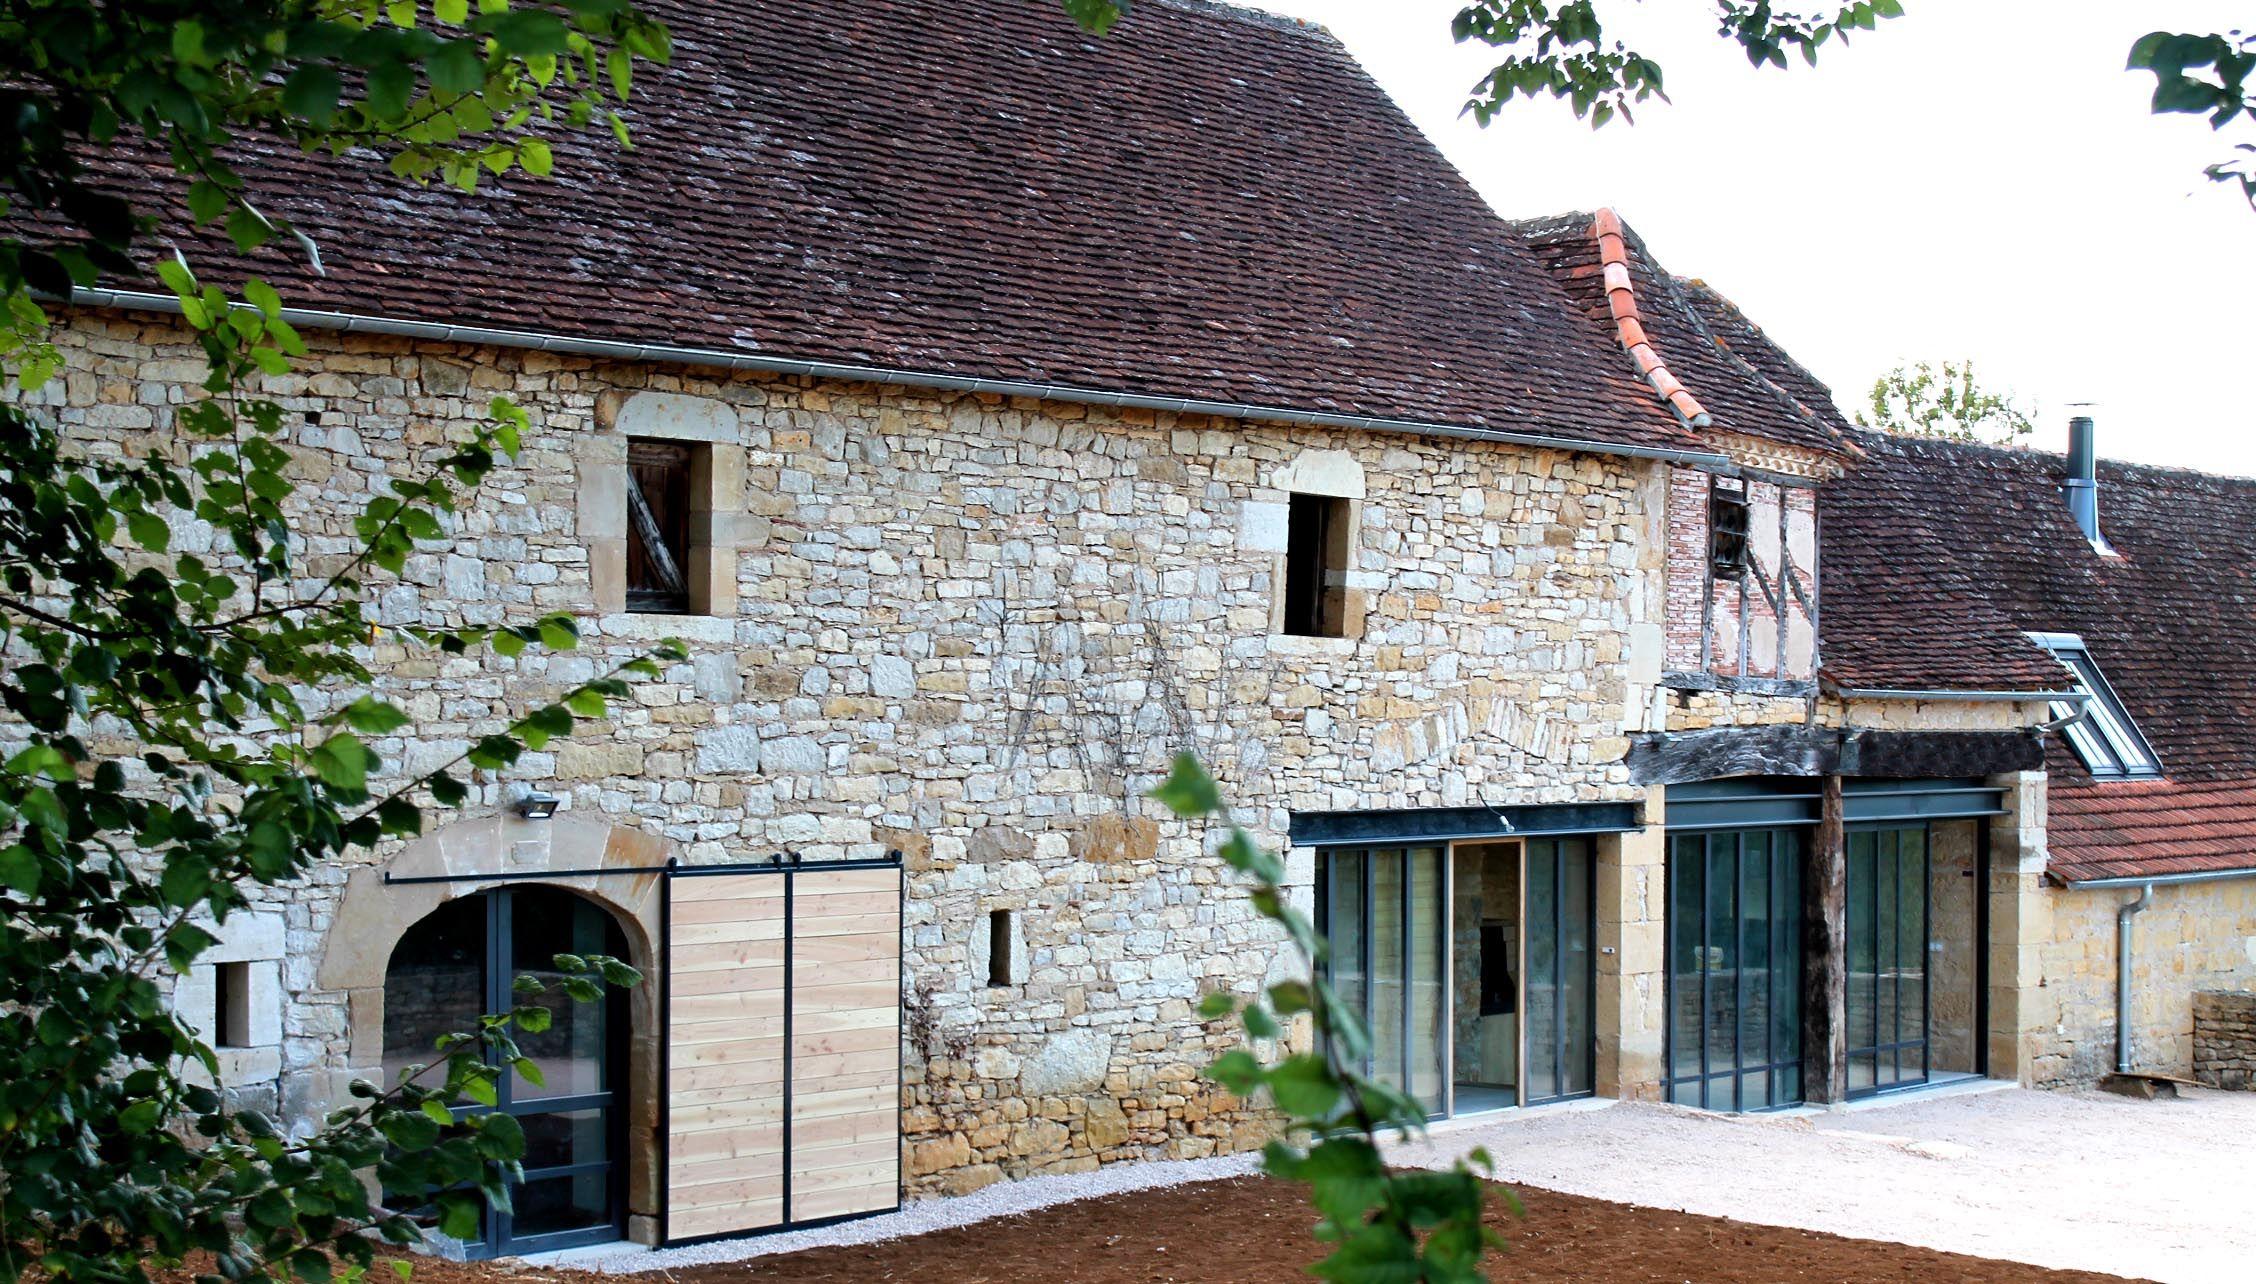 Annuaire architectes avivre projet r habilitation d for Modele d architecture de maison